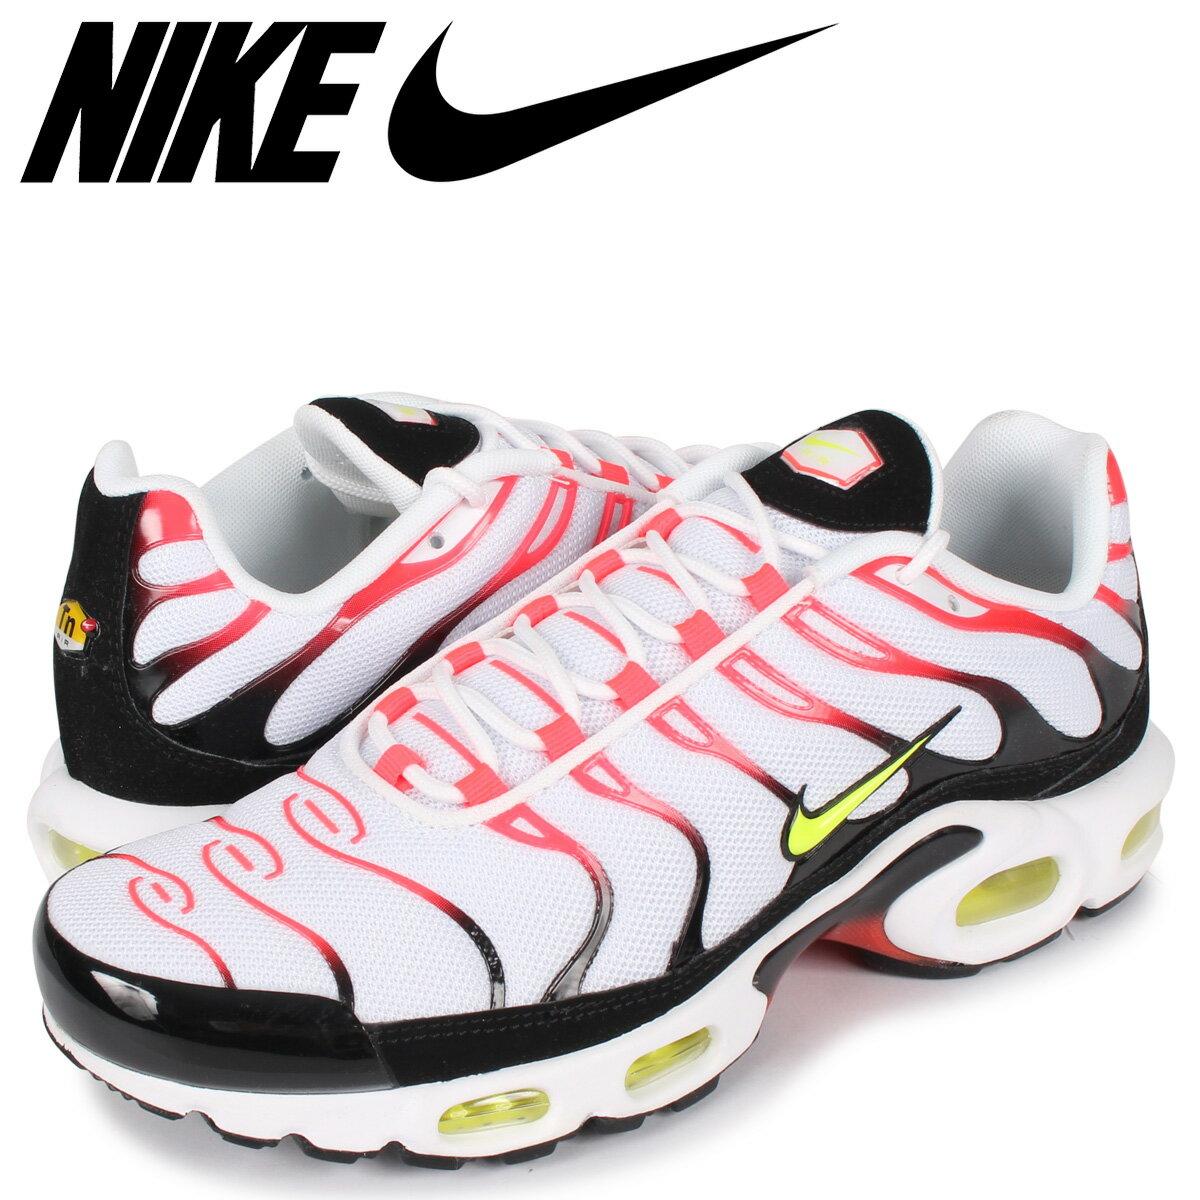 メンズ靴, スニーカー 2000OFF NIKE AIR MAX PLUS CI3714-100